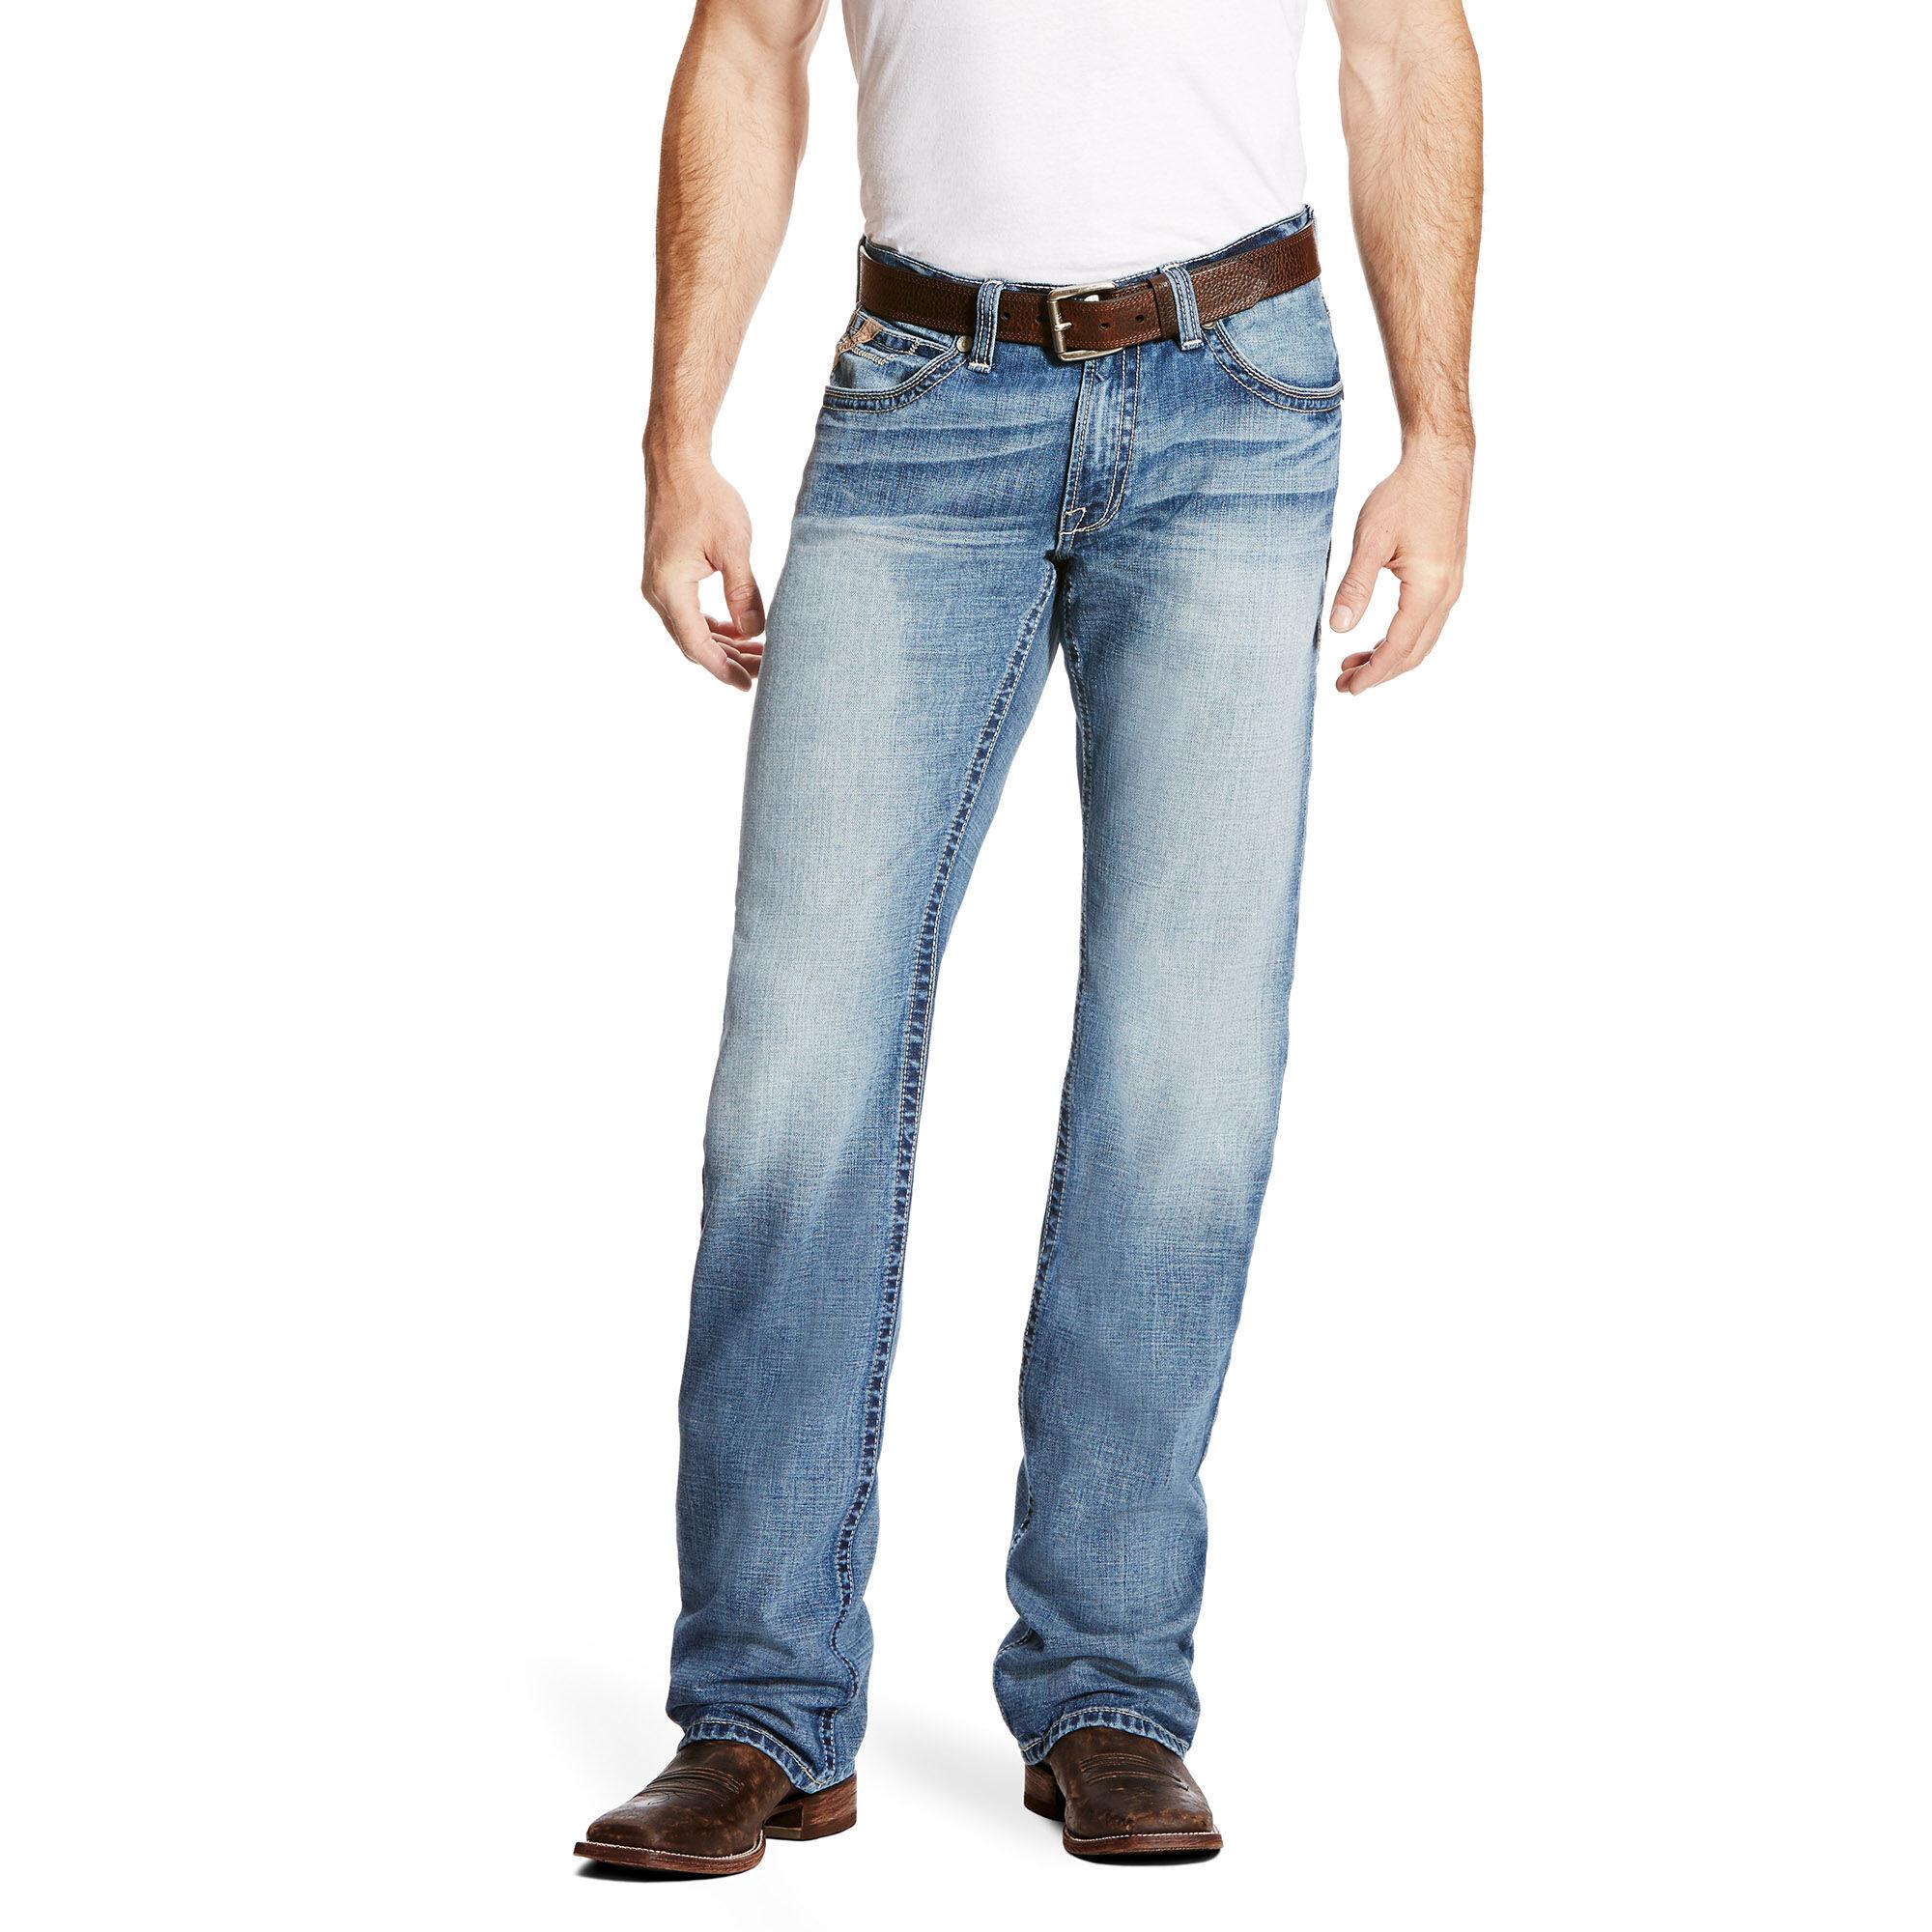 M4 Low Rise Bonner Boot Cut Jean